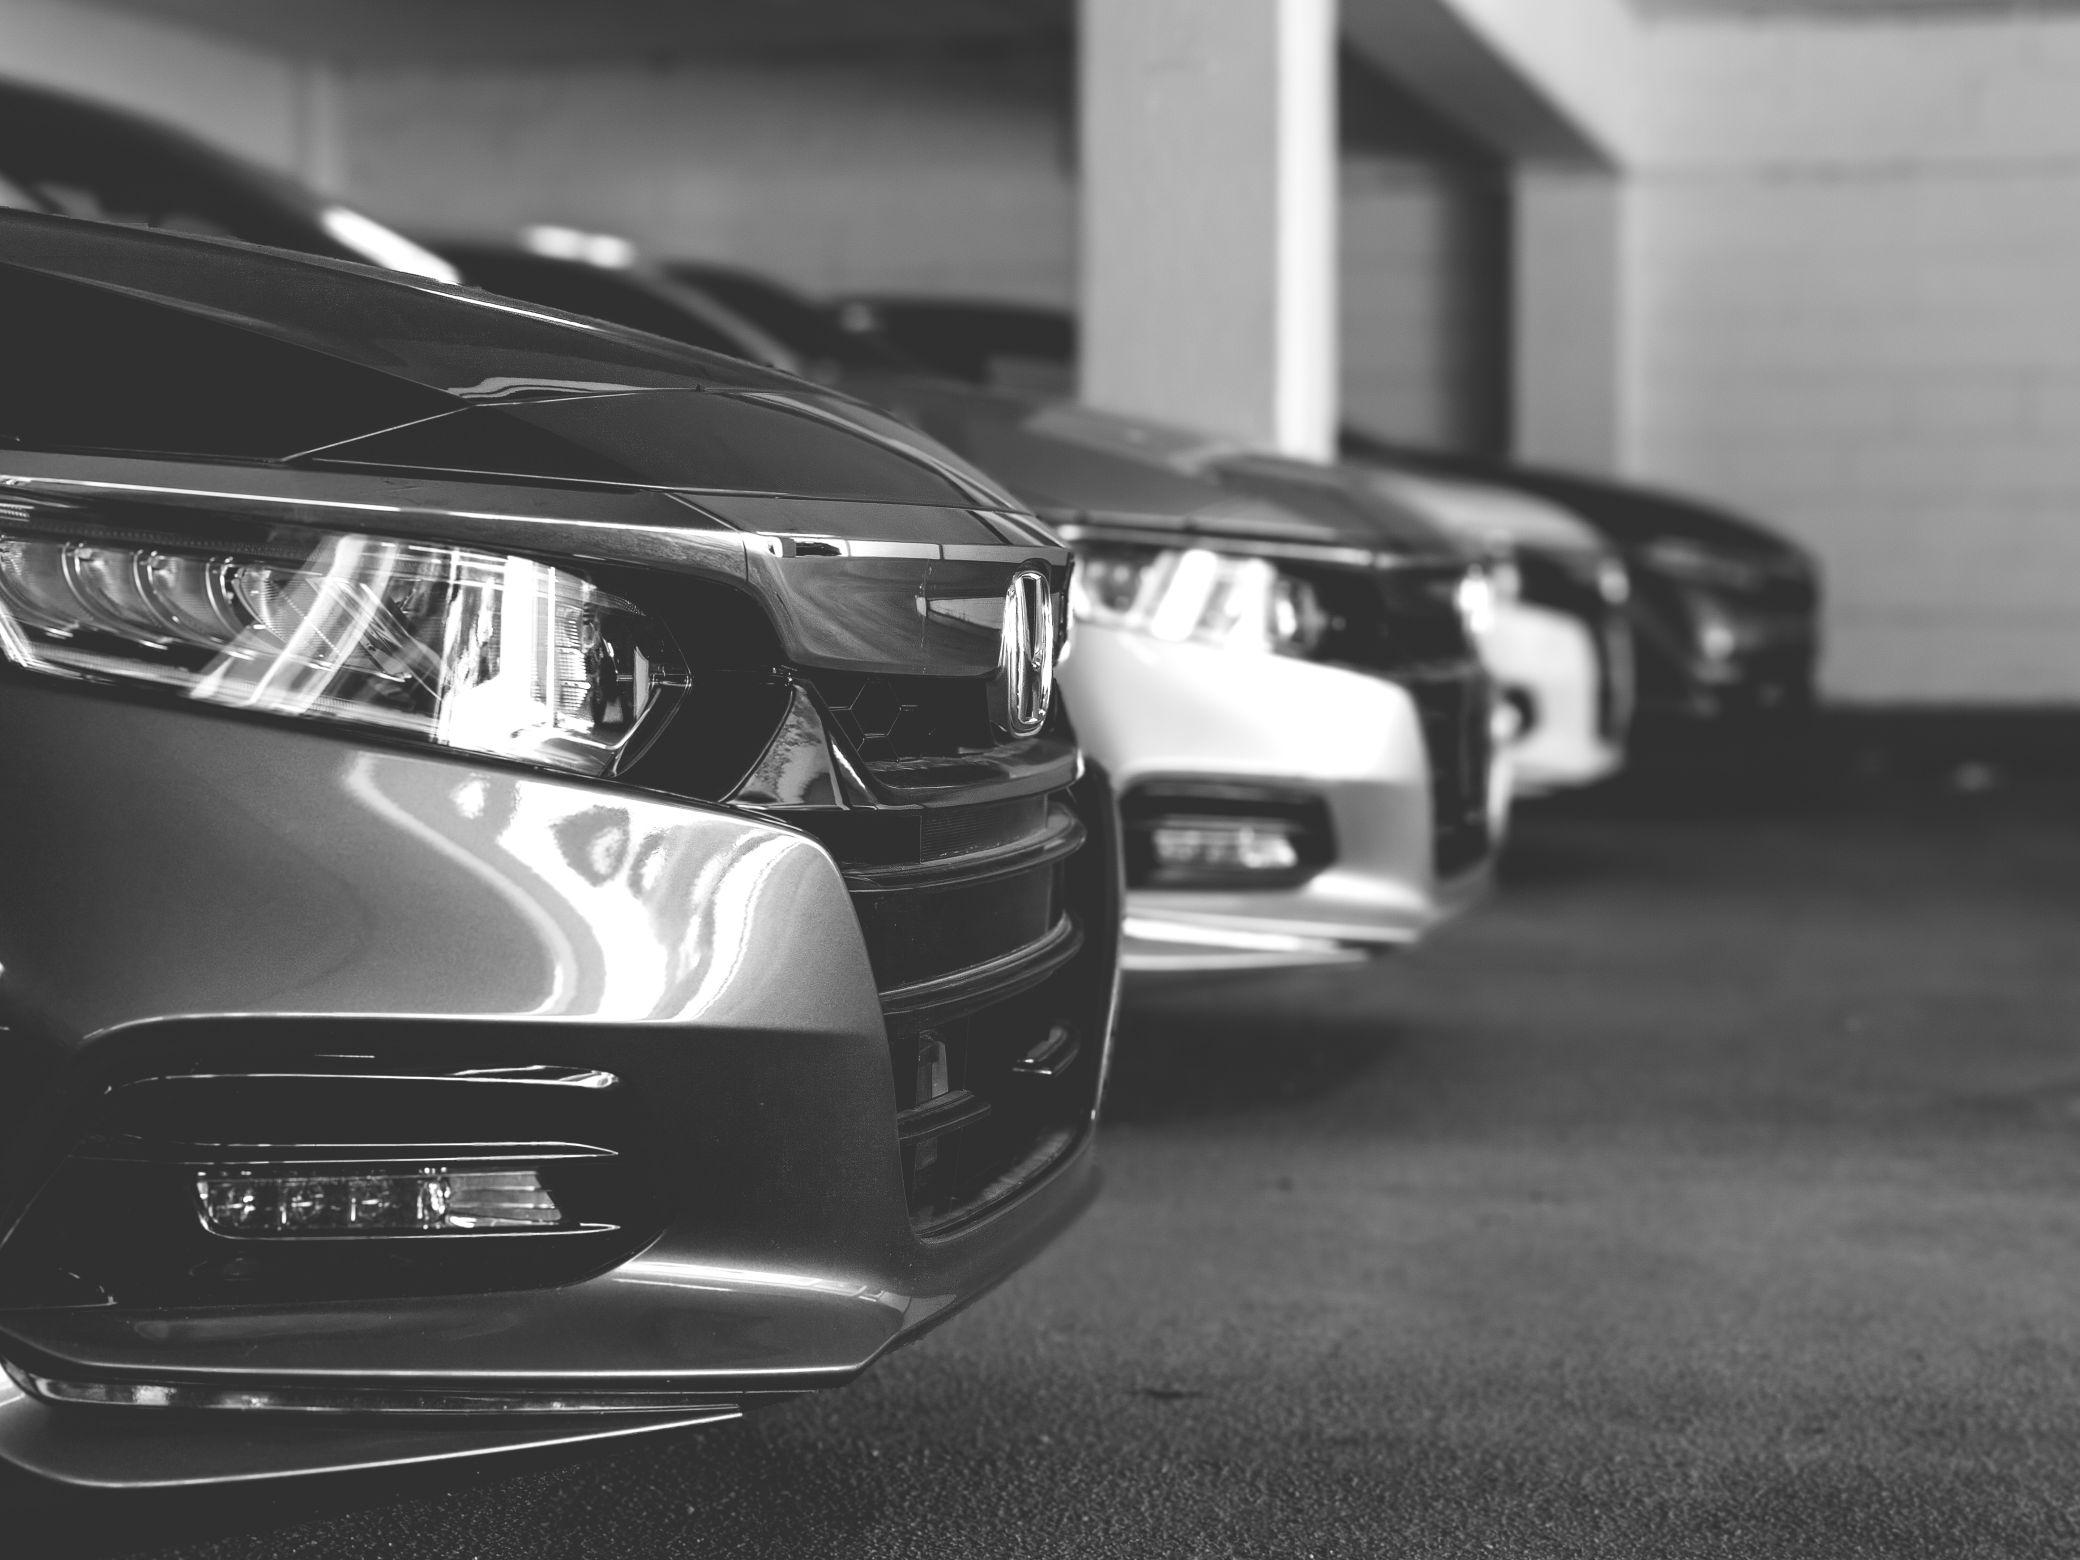 EU-Entscheid zum Gewährleistungsrecht - Wie sich der Autohandel gegen drohende Pleitewelle wehren kann